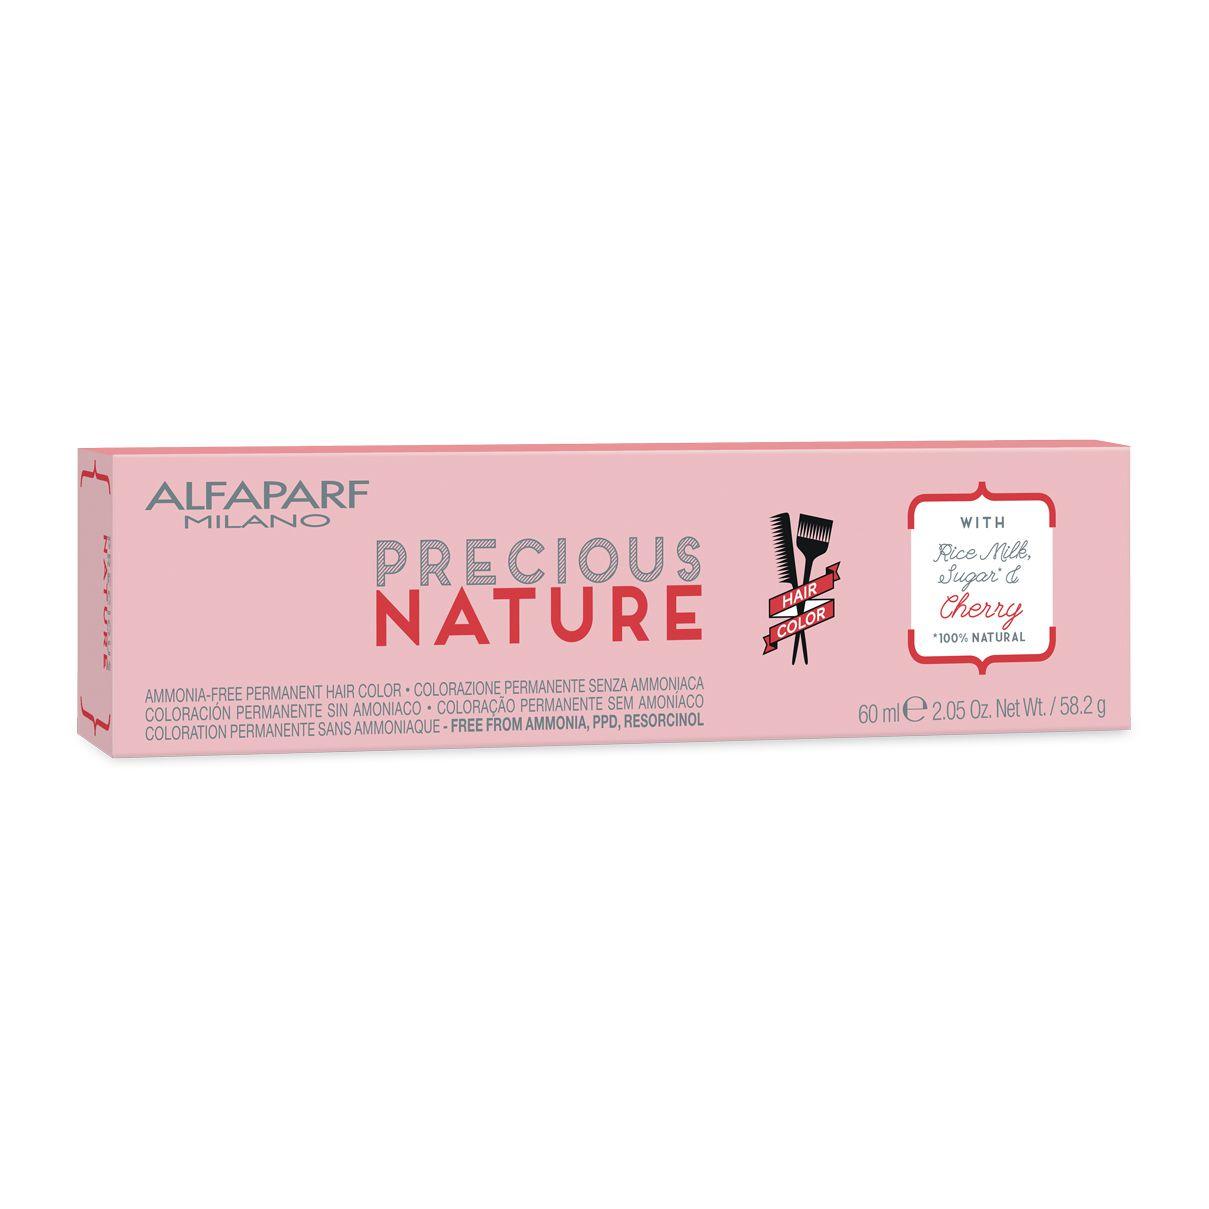 Alfaparf Milano Precious Nature Hair Color Creme de Coloração 5.66 Castanho Claro Vermelho Intenso 60ml